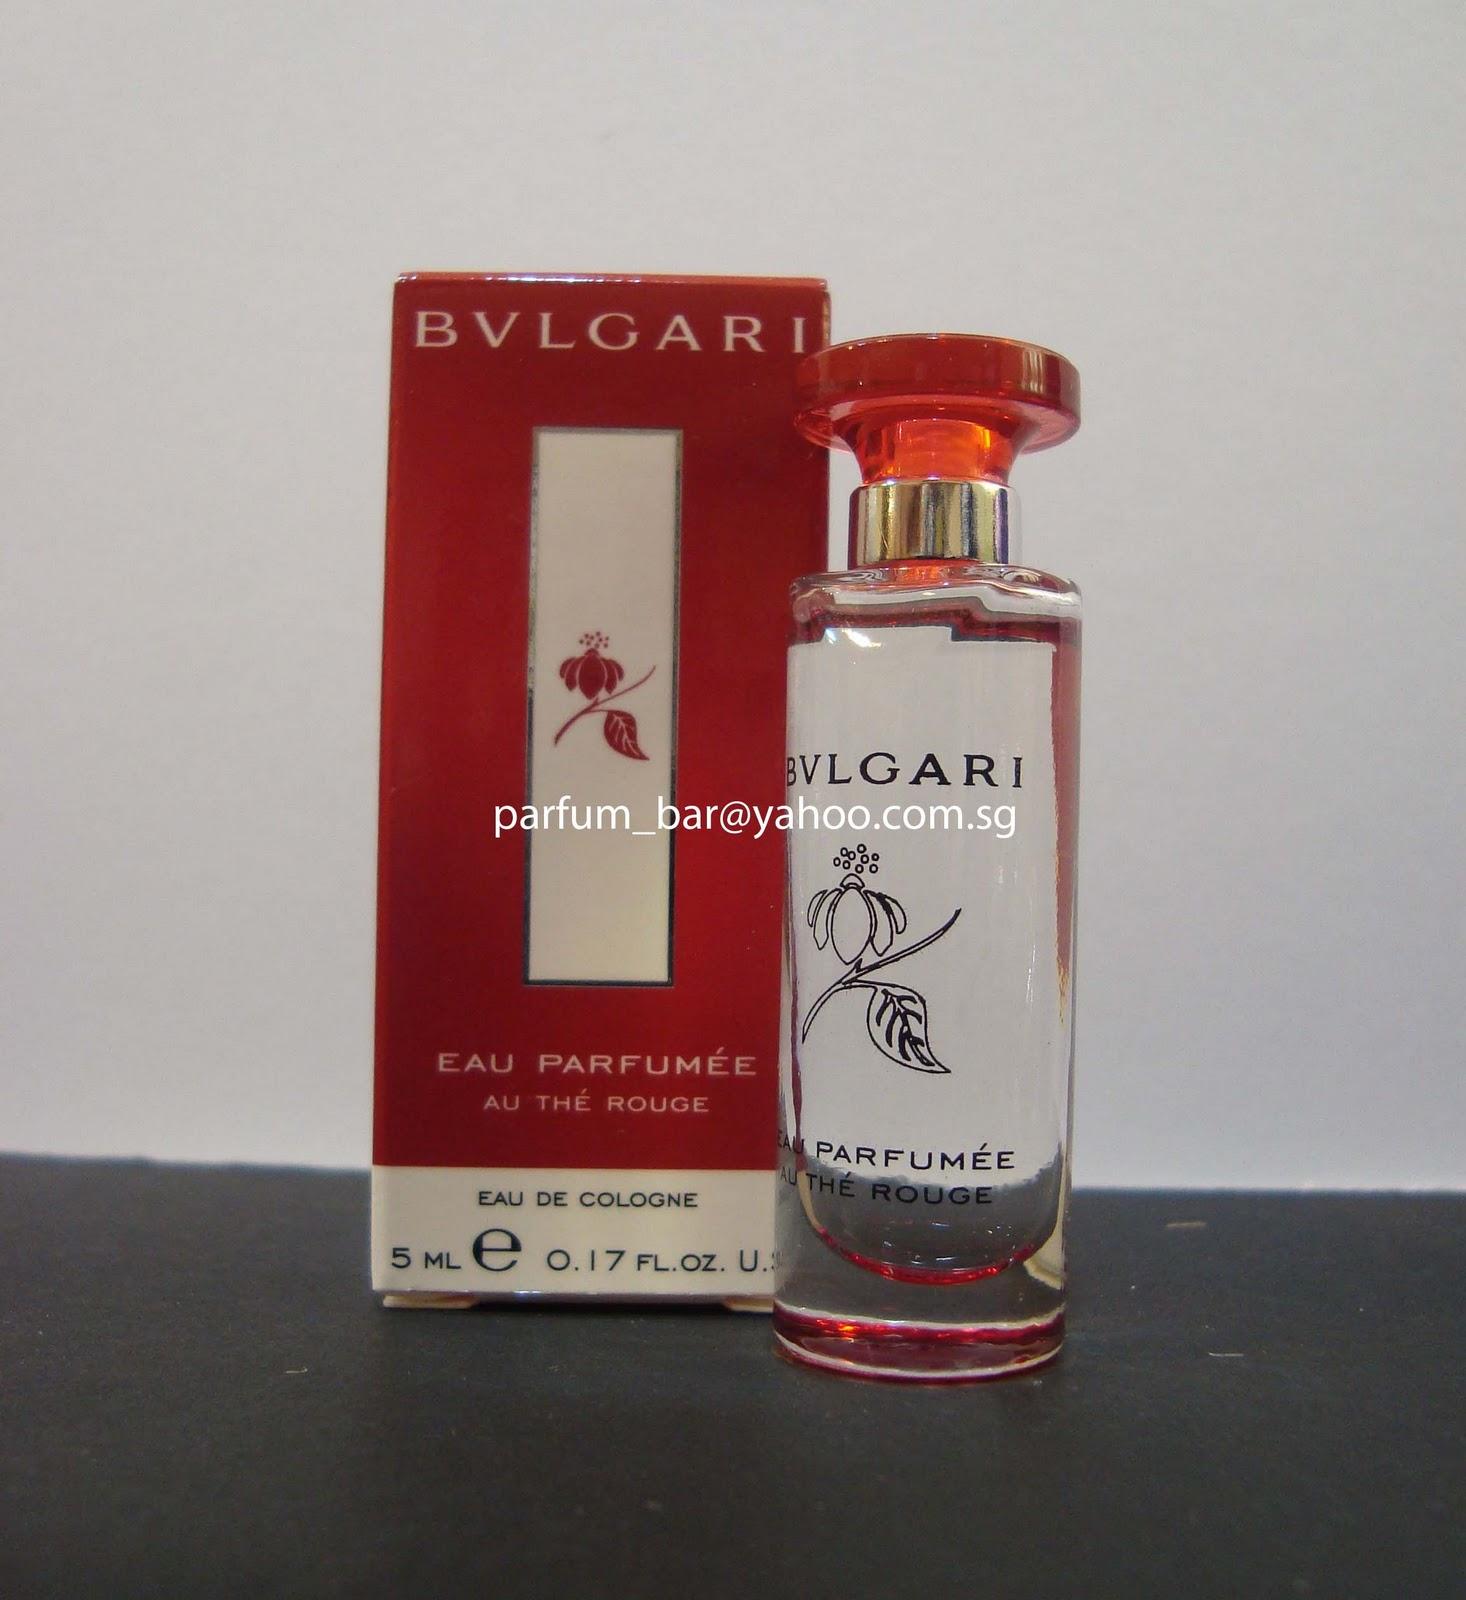 Parfum Bar Bvlgari Eau Parfumee Au The Rouge